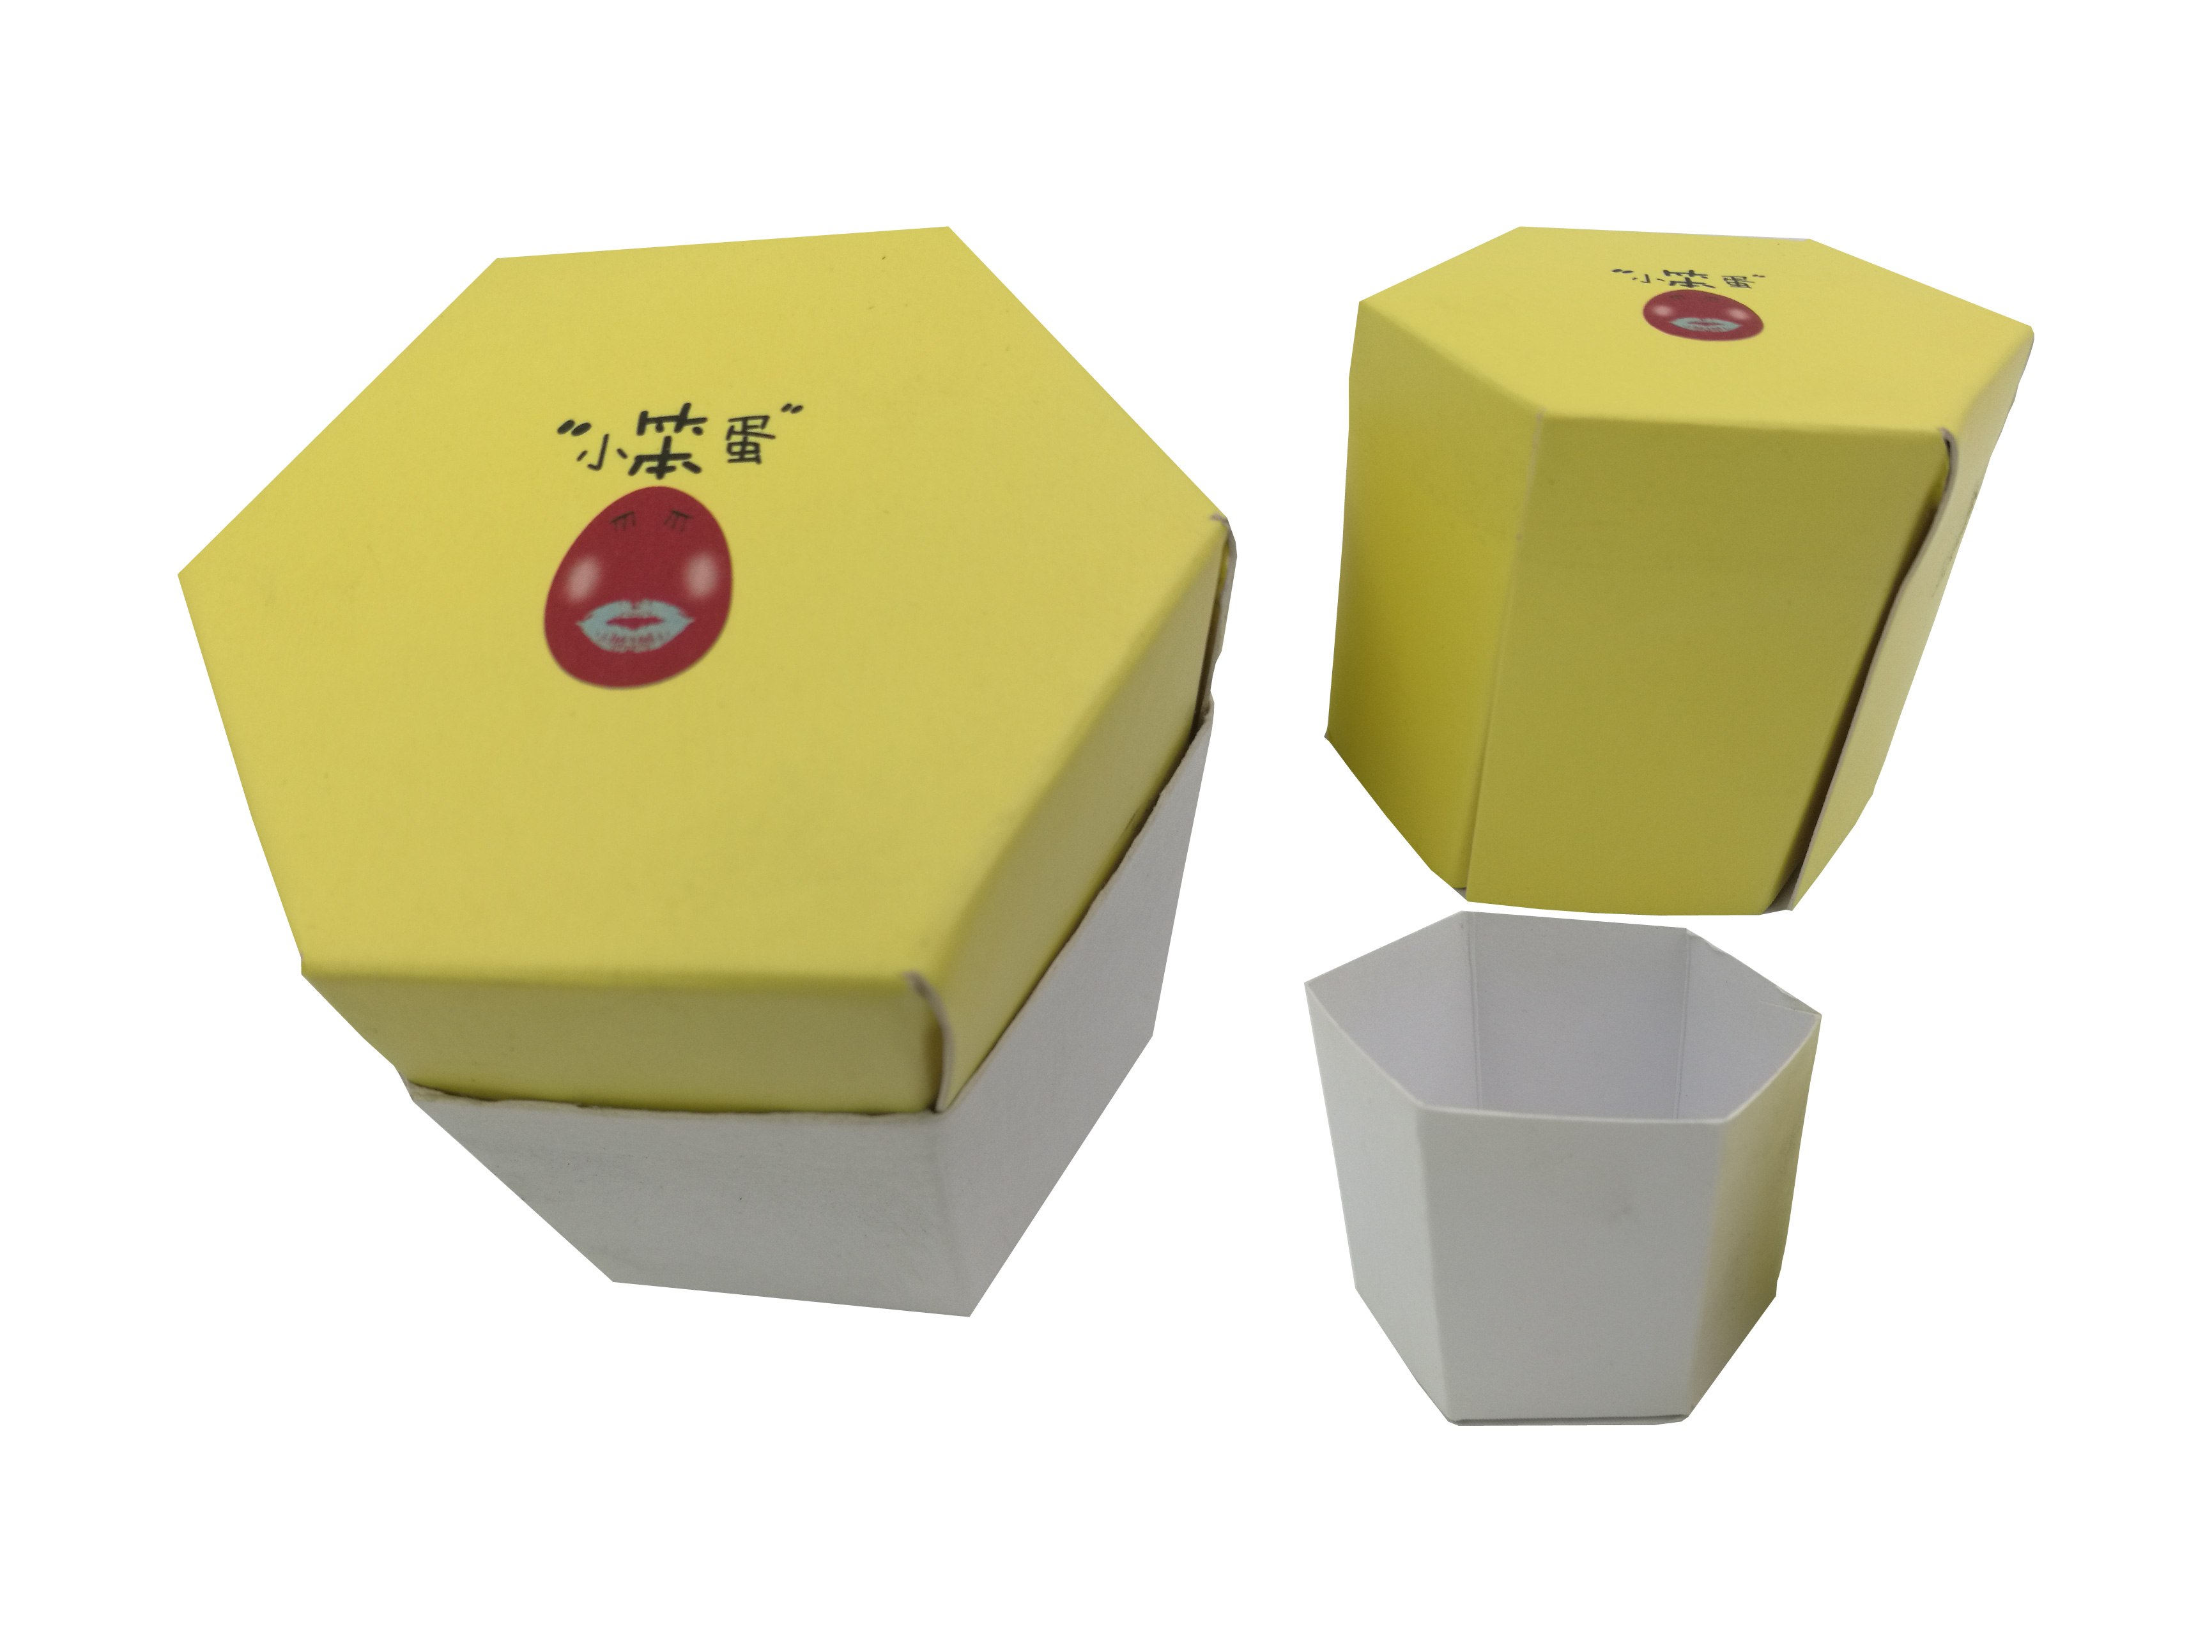 纸盒包装制作 创意鸡蛋包装盒六角形